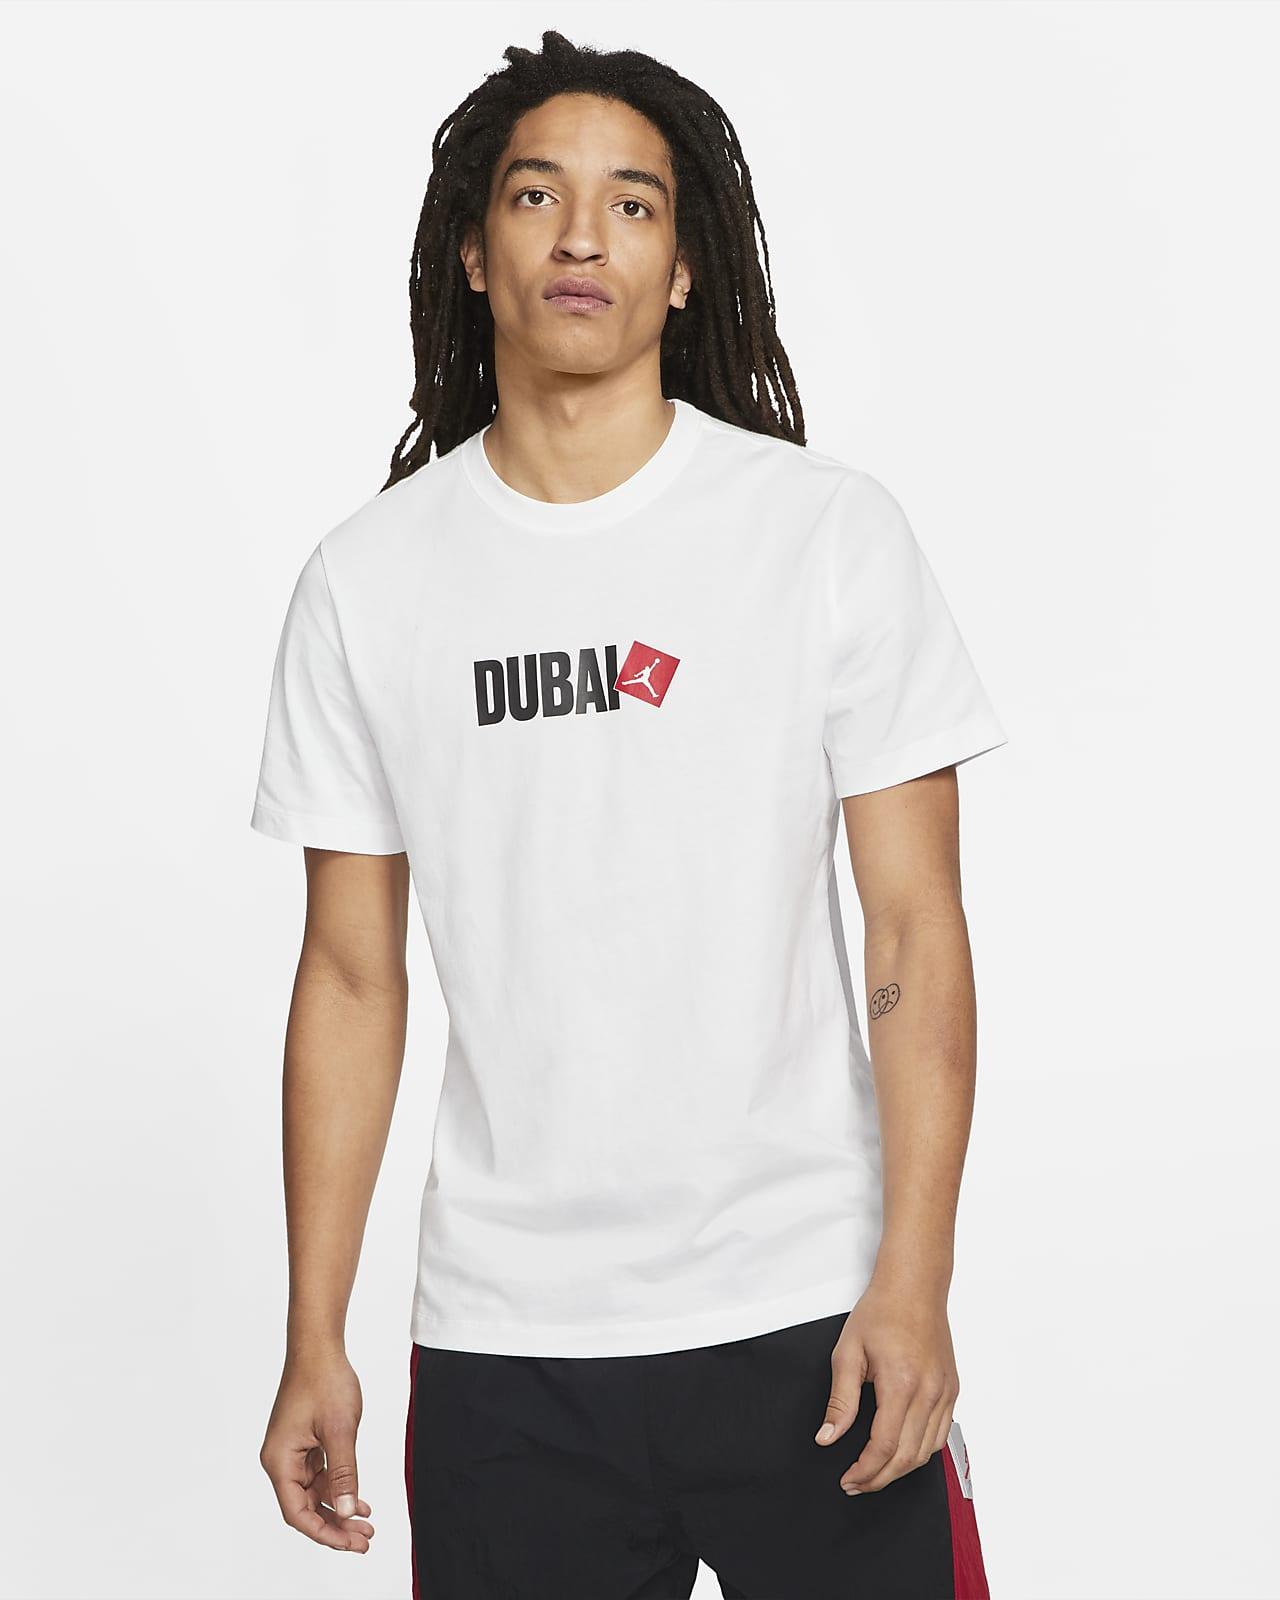 Playera de manga corta para hombre Jordan Dubai